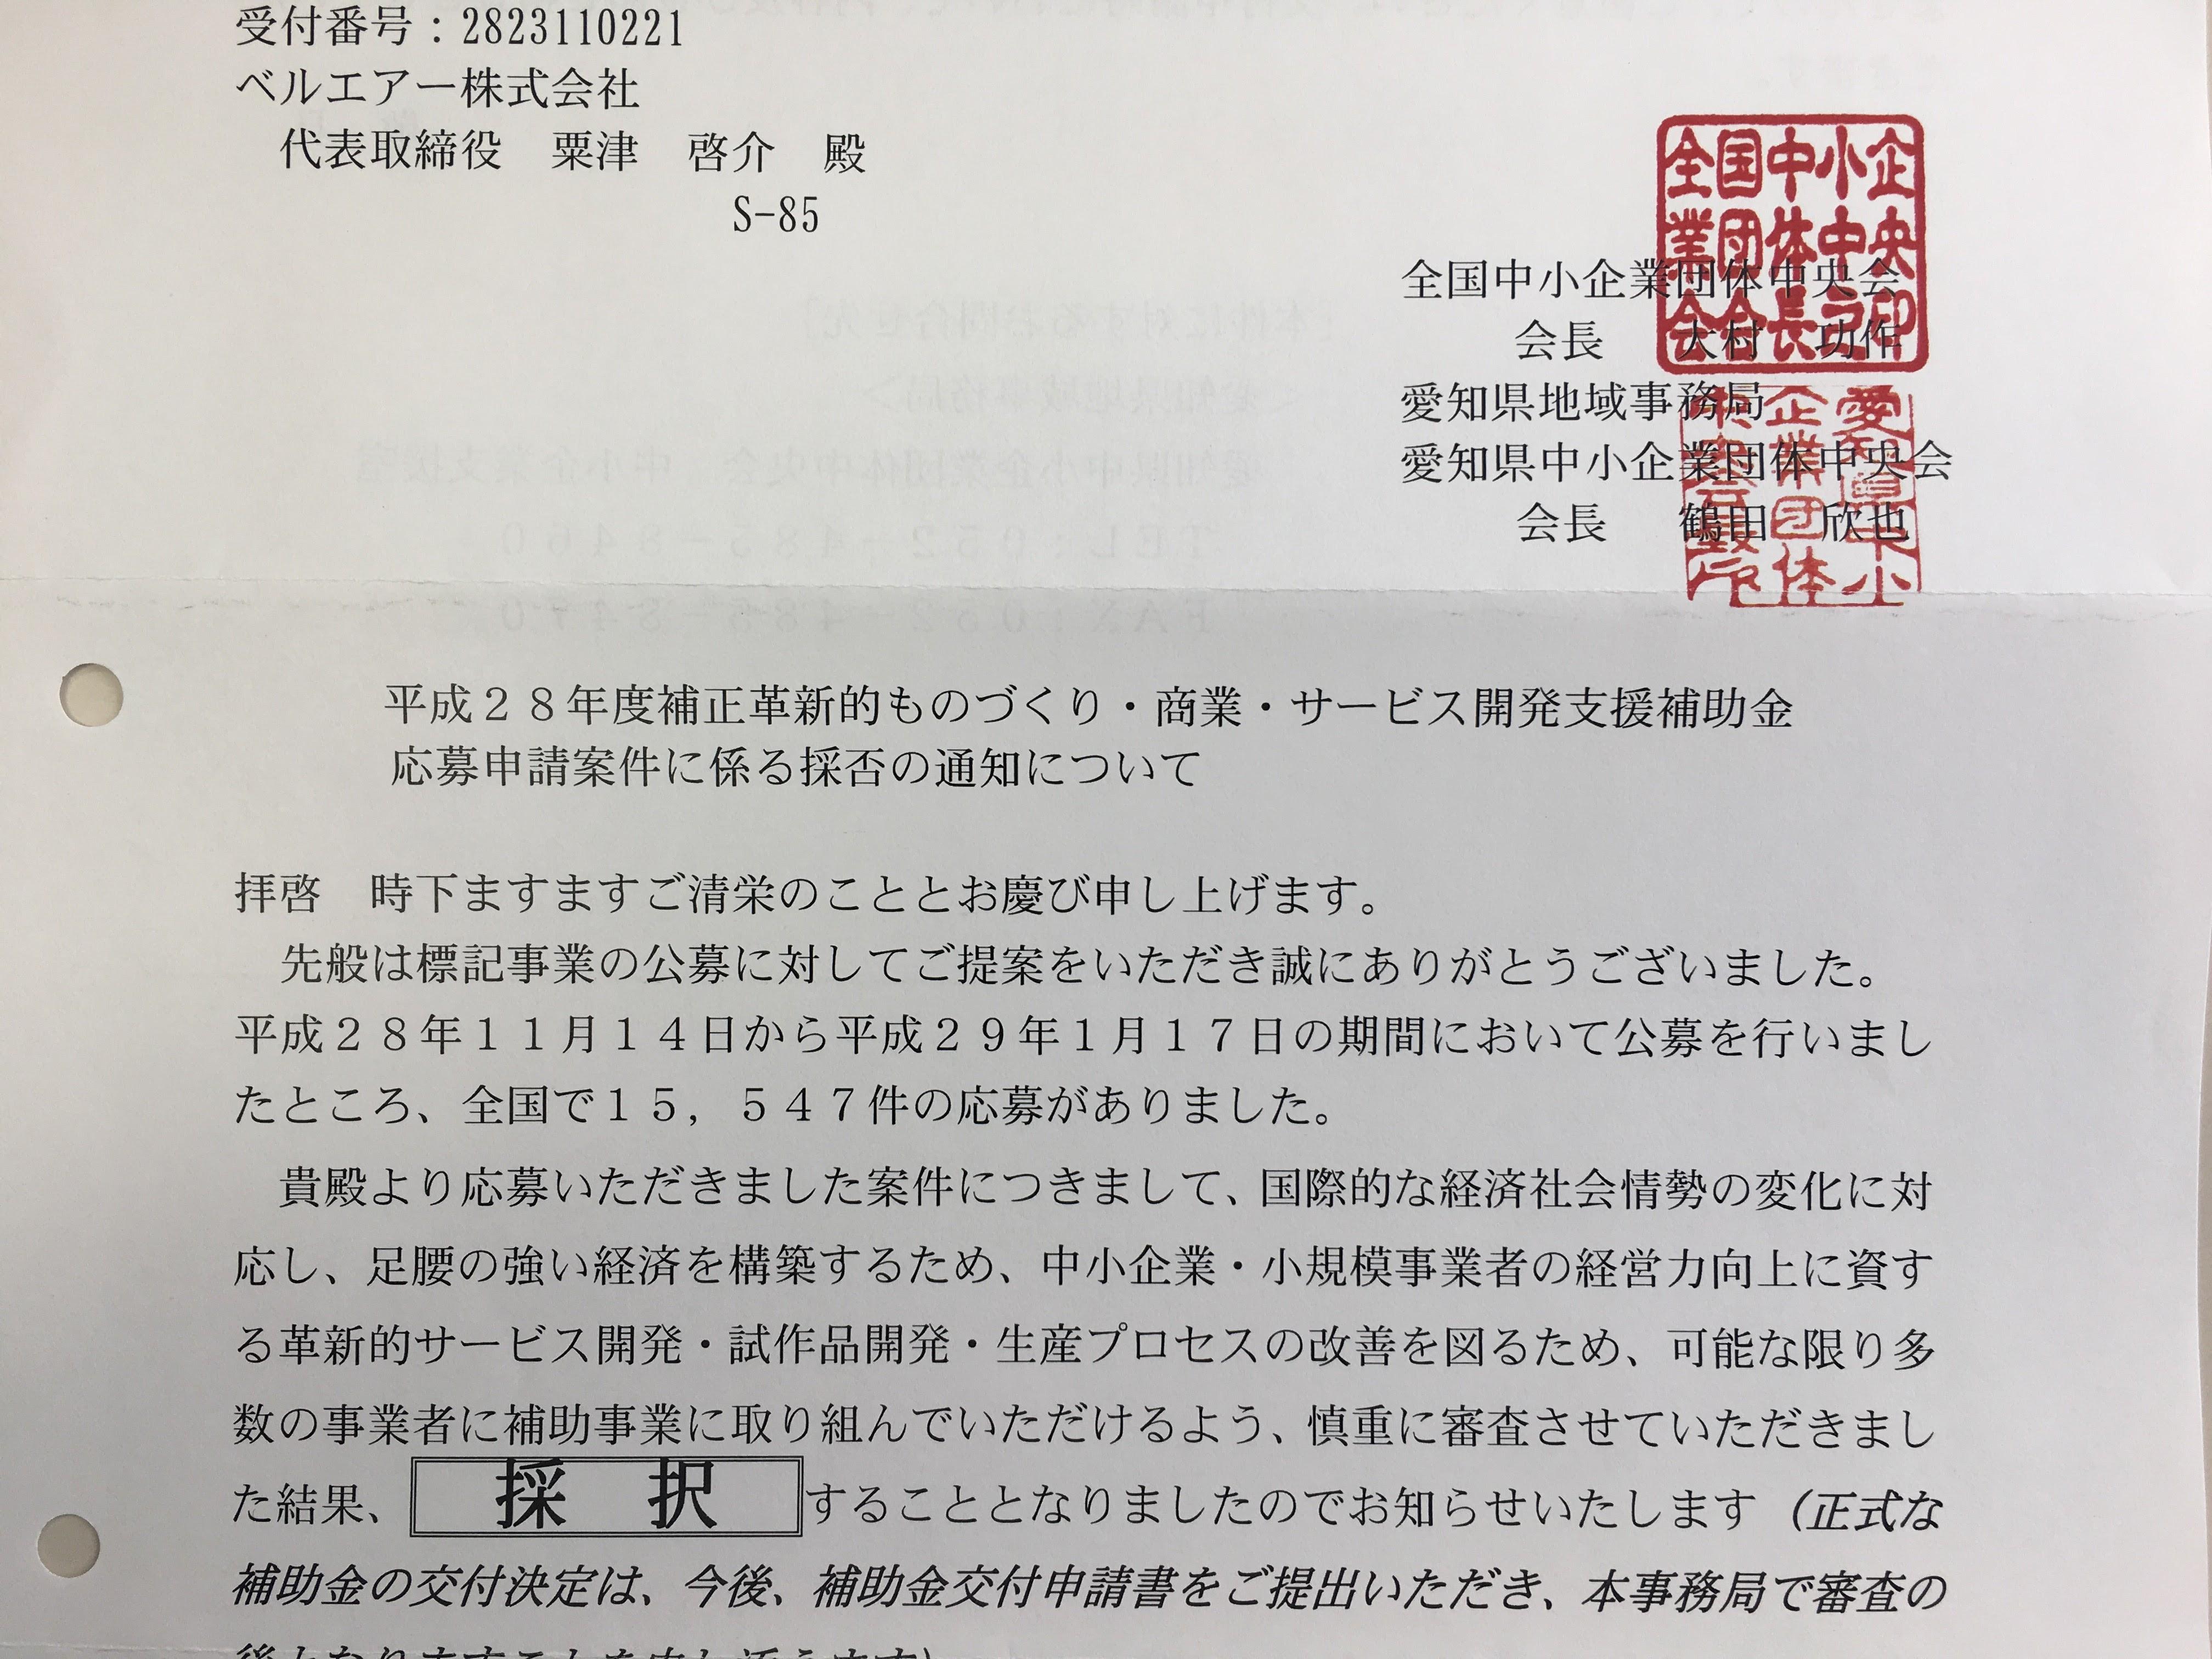 ベルエアー株式会社 粟津啓介のb...